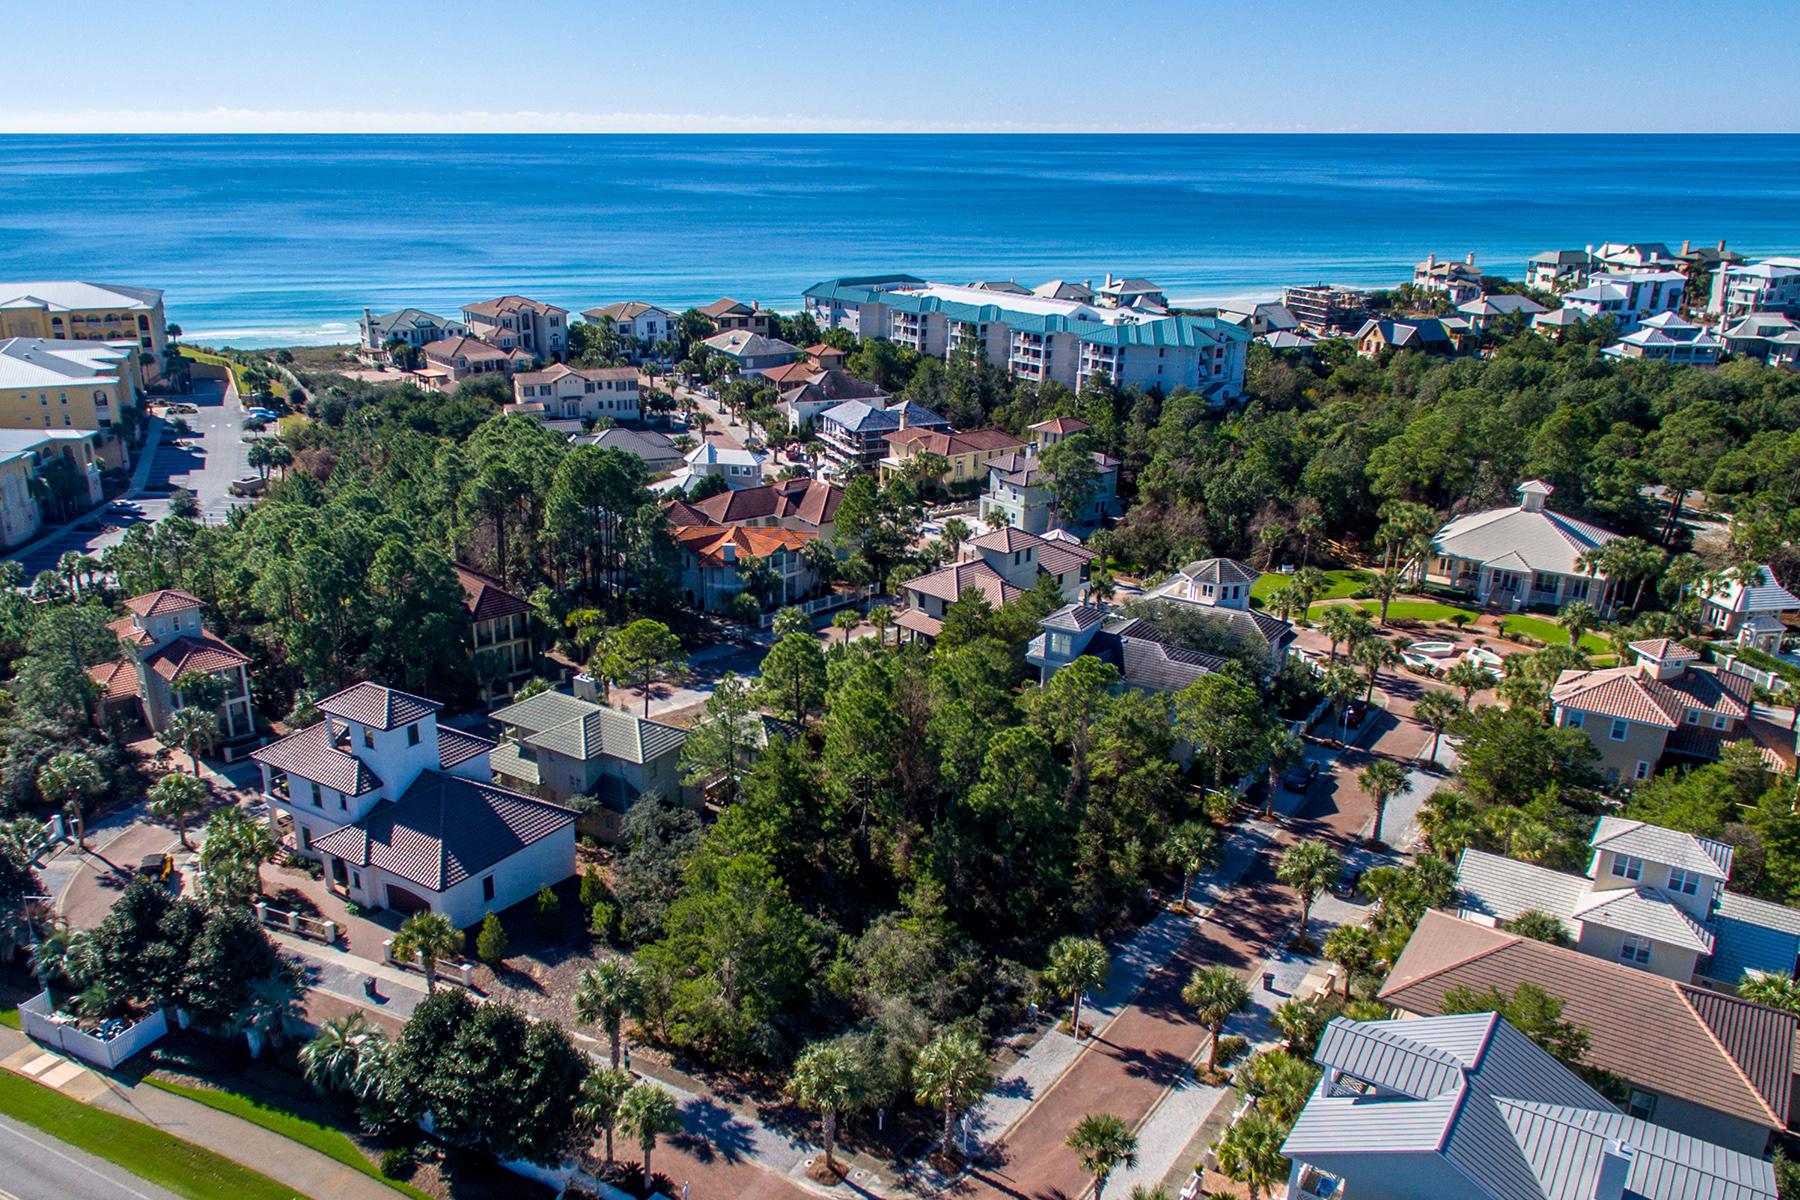 Propiedad en venta Santa Rosa Beach